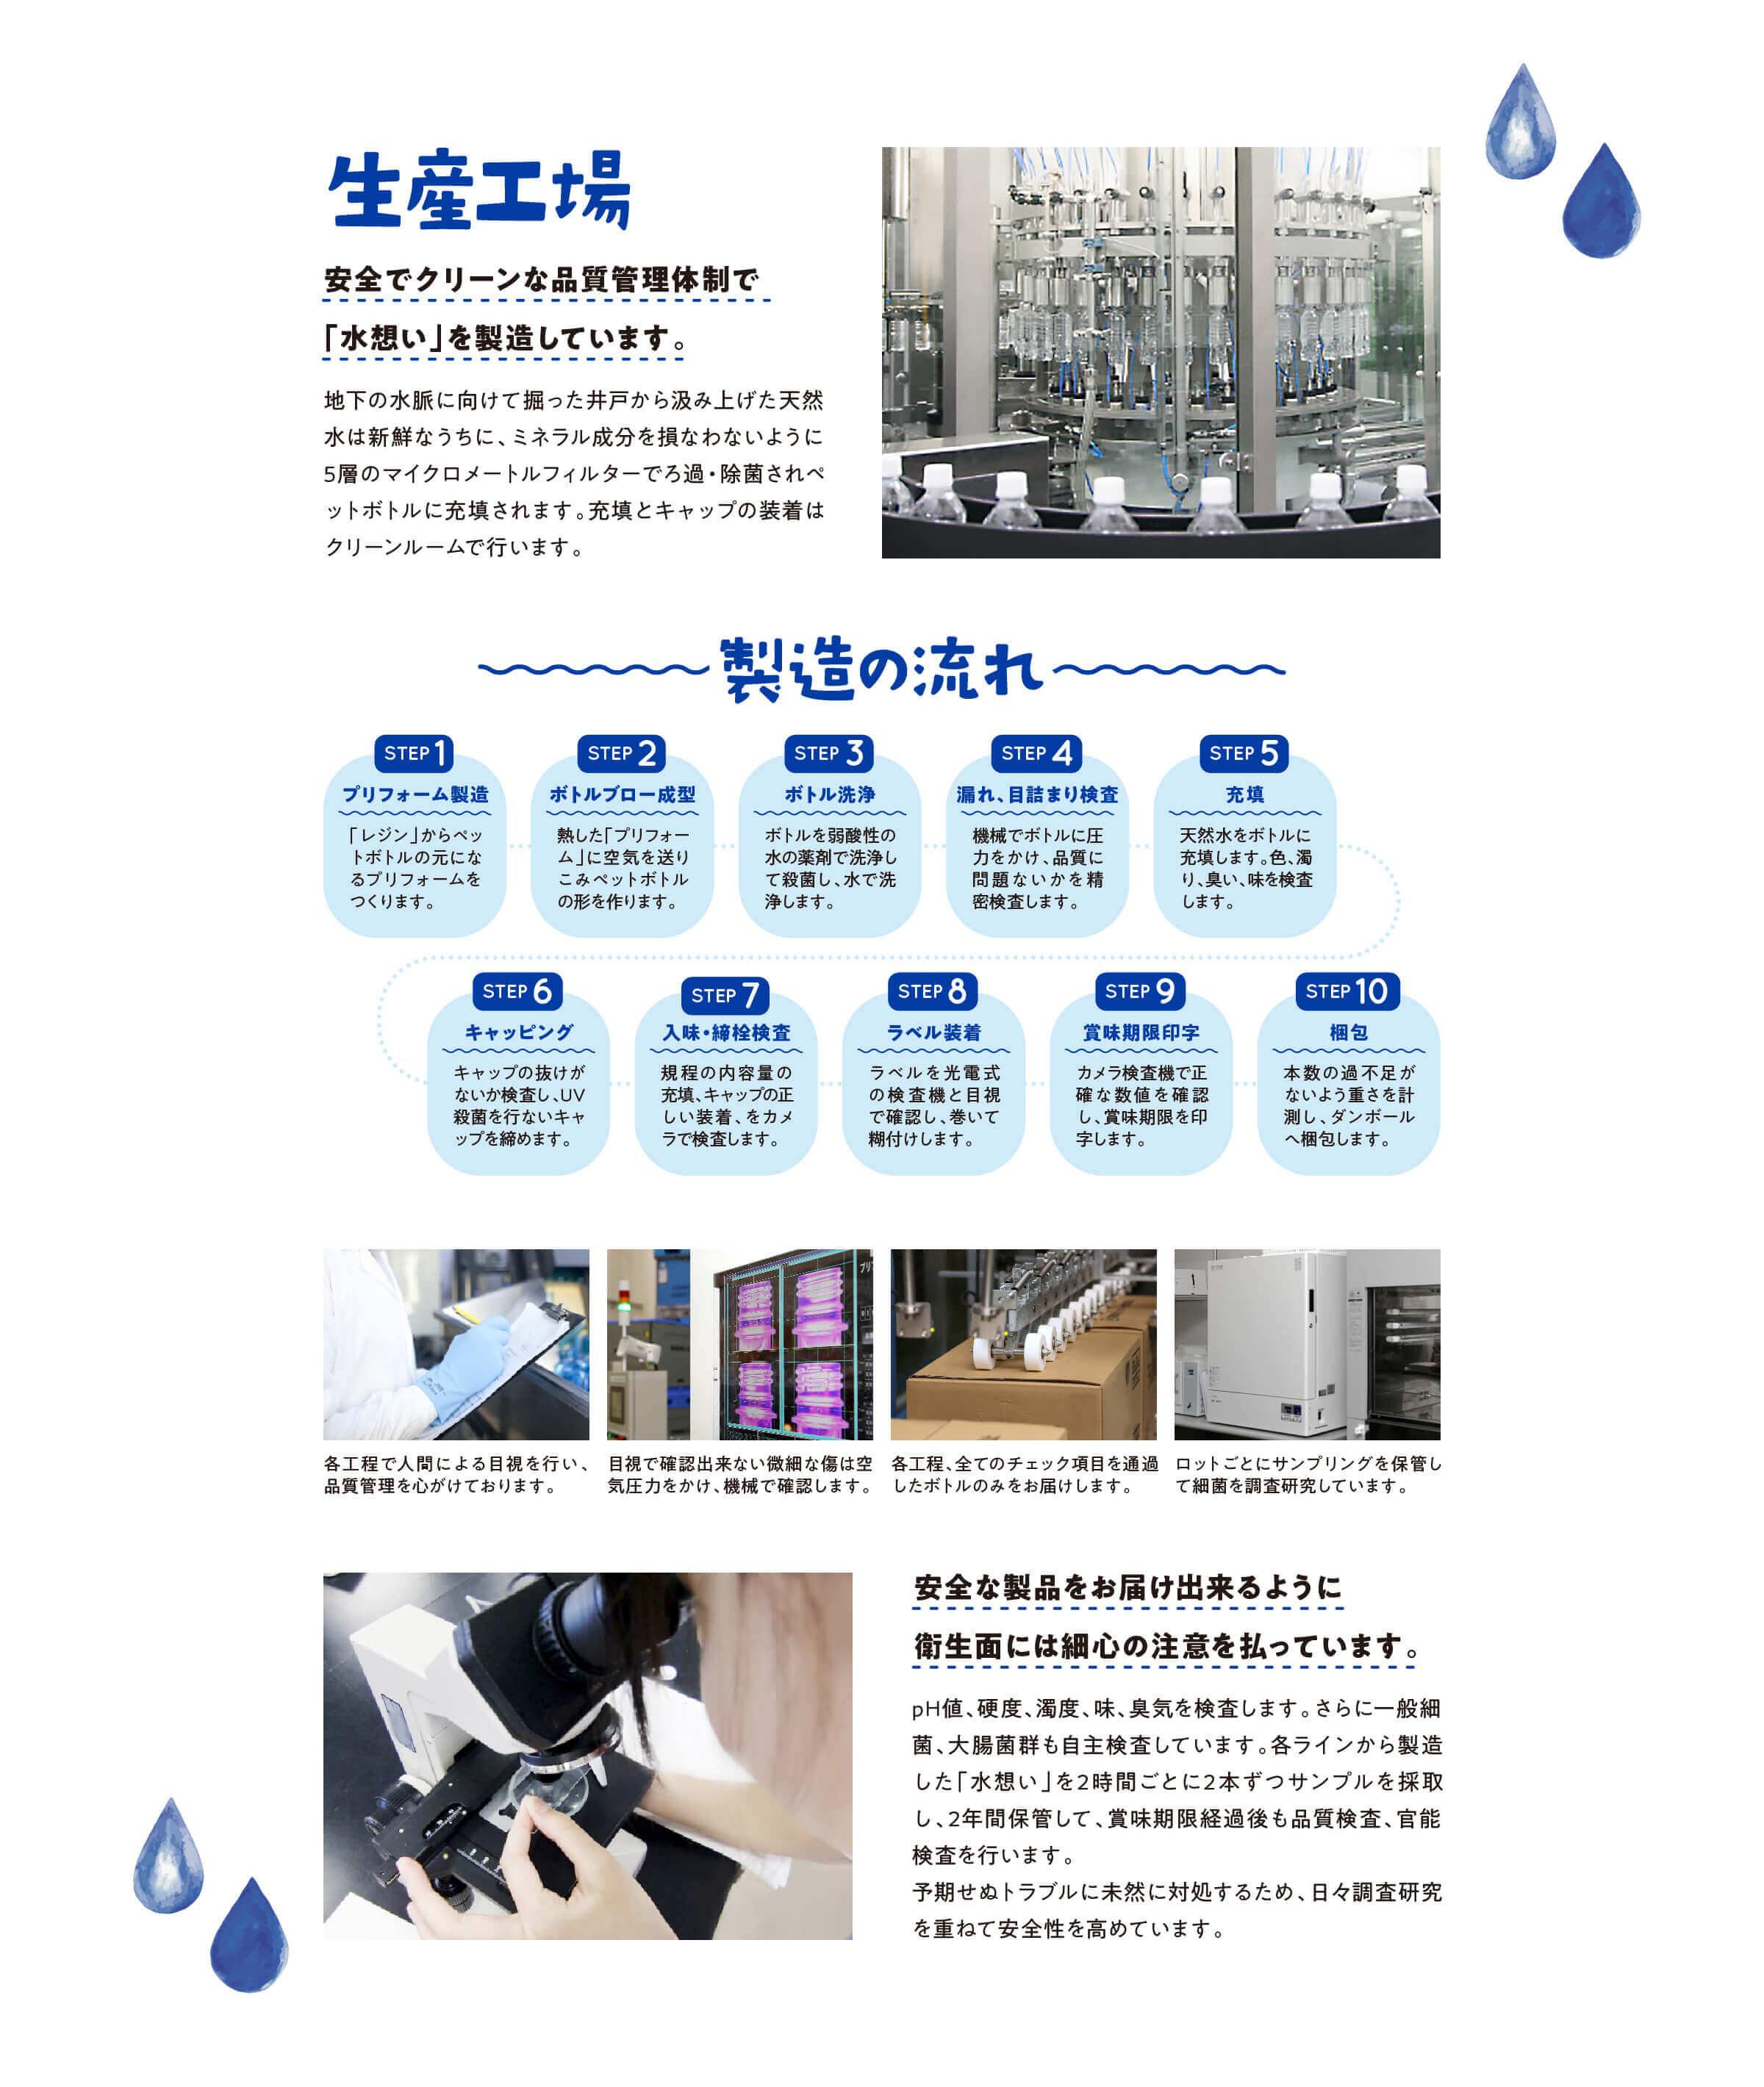 生産工場 安全でクリーンな品質管理体制で「水想い」を製造しています。